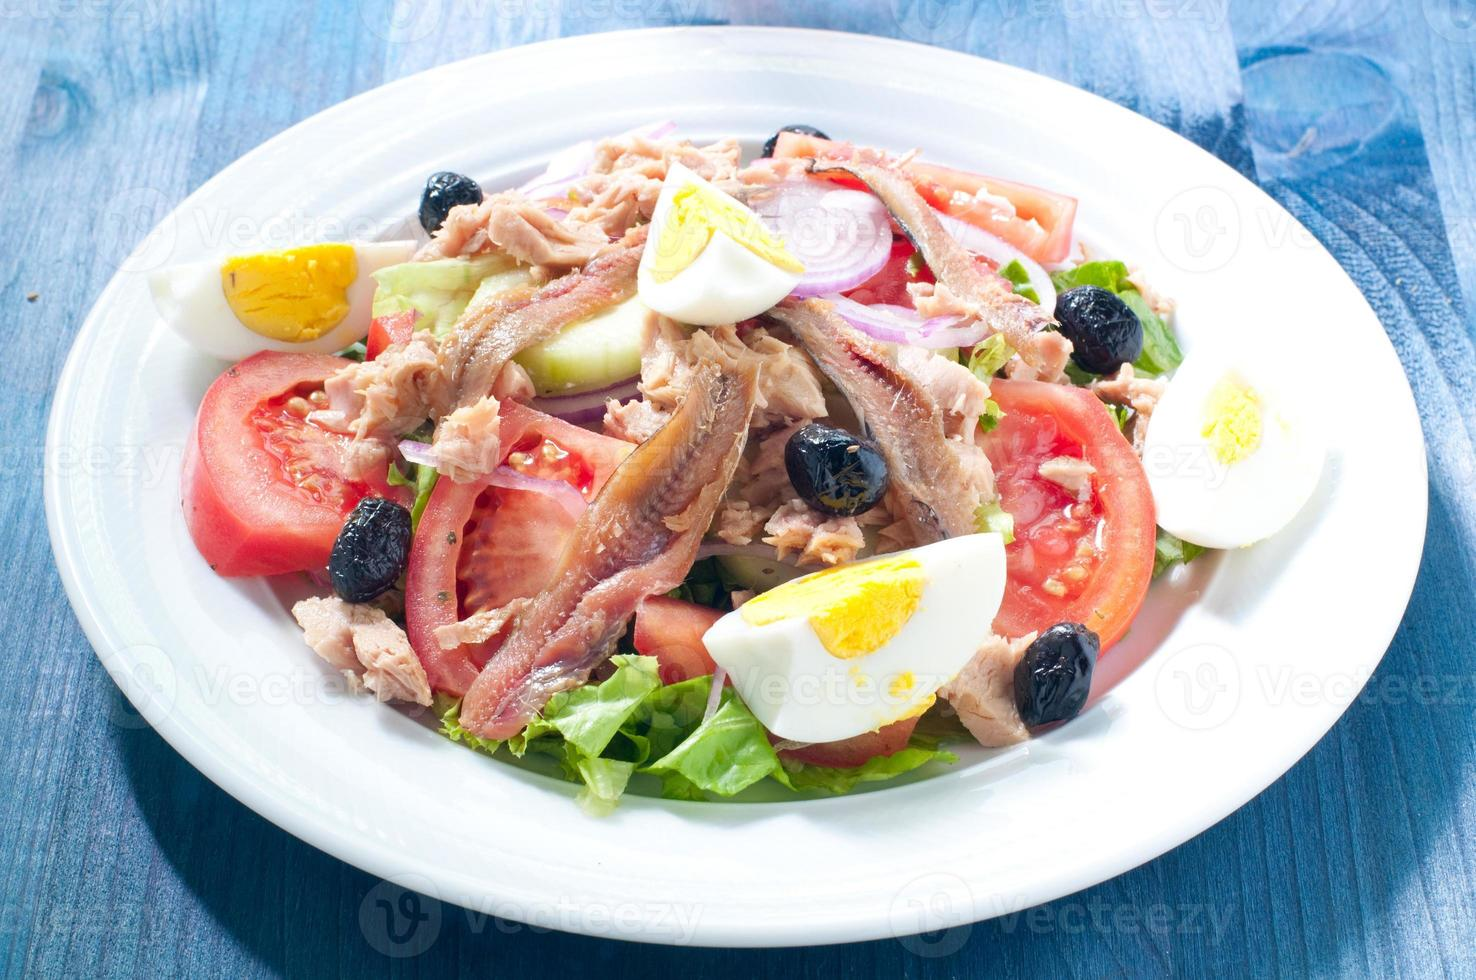 salade niçoise aux œufs, anchois, oignons, laitue et thon photo